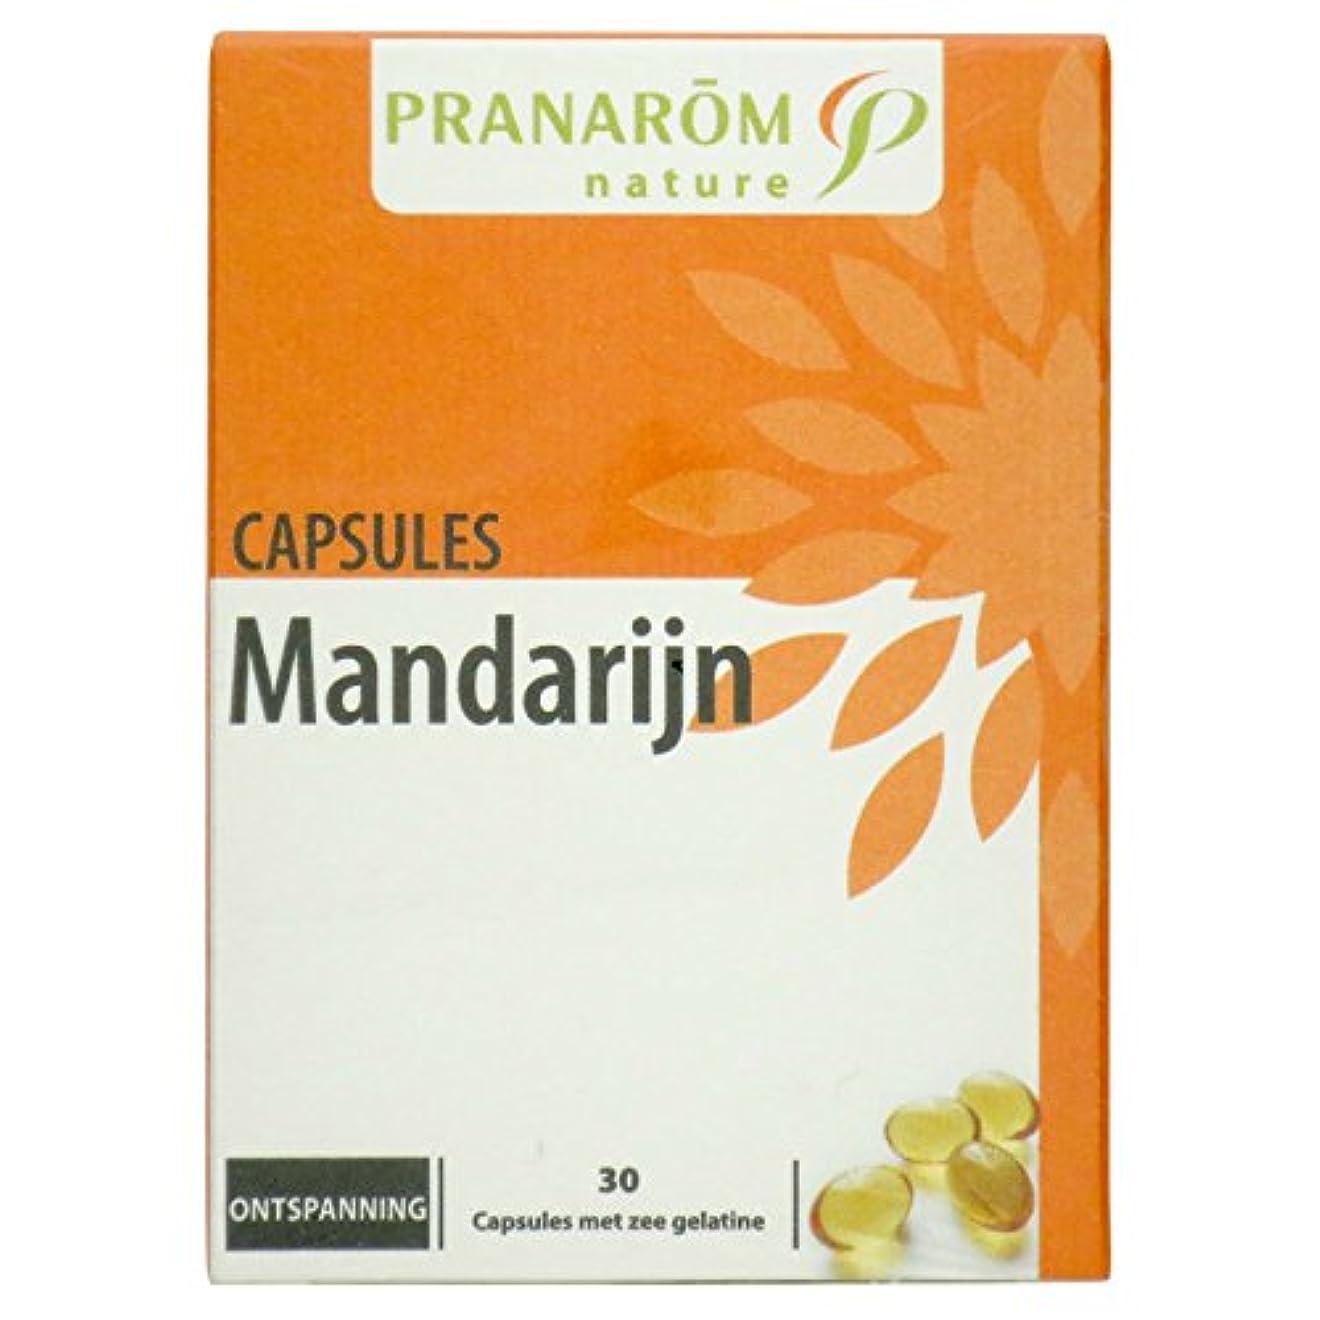 キャメルひまわりペースプラナロム マンダリンカプセル 30粒 (PRANAROM サプリメント)